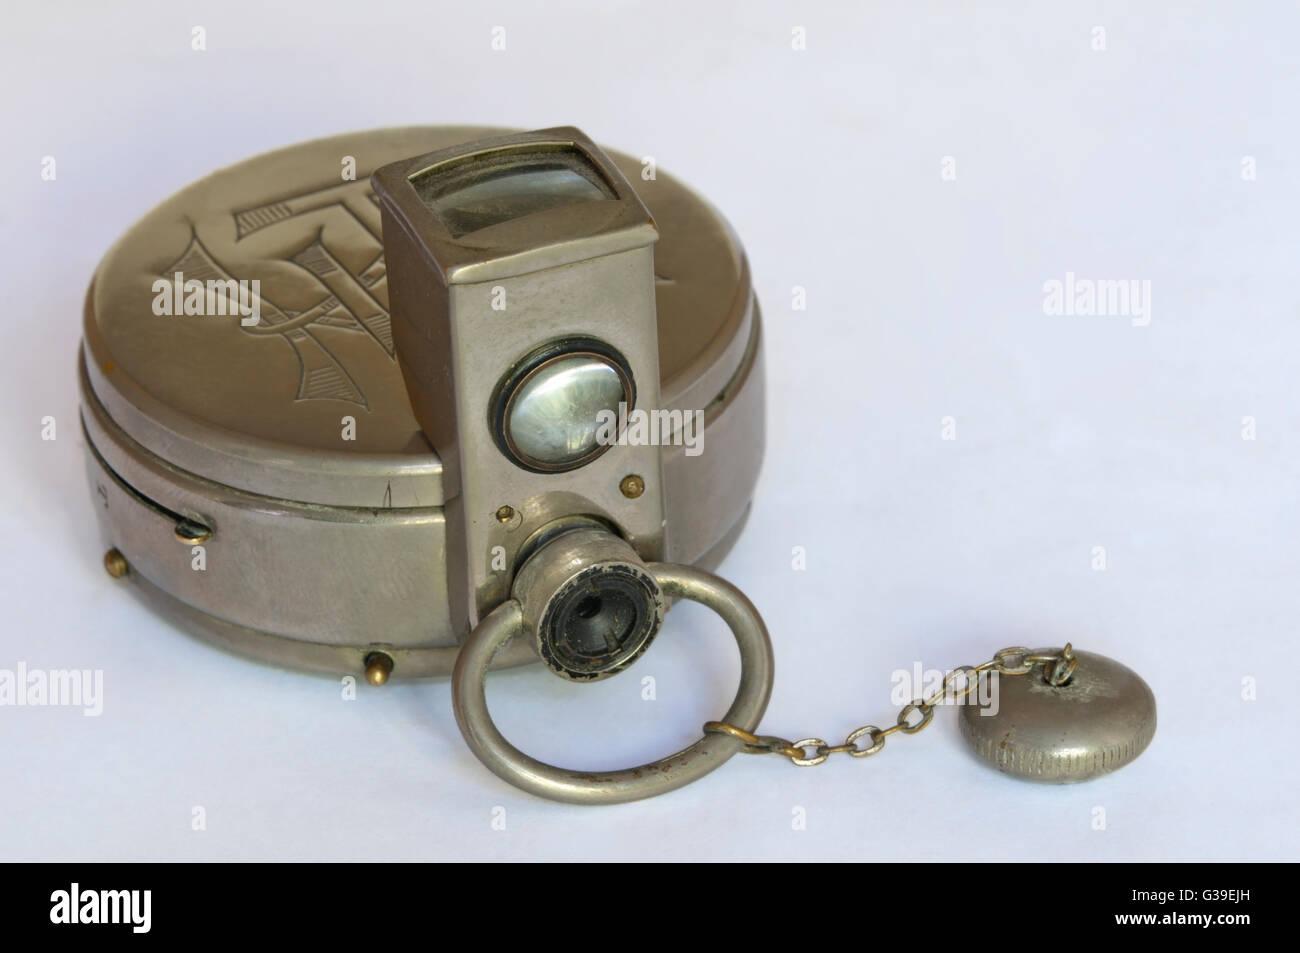 Un Houghton Ticka Watch caméra avec accessoire viseur. Photo Stock